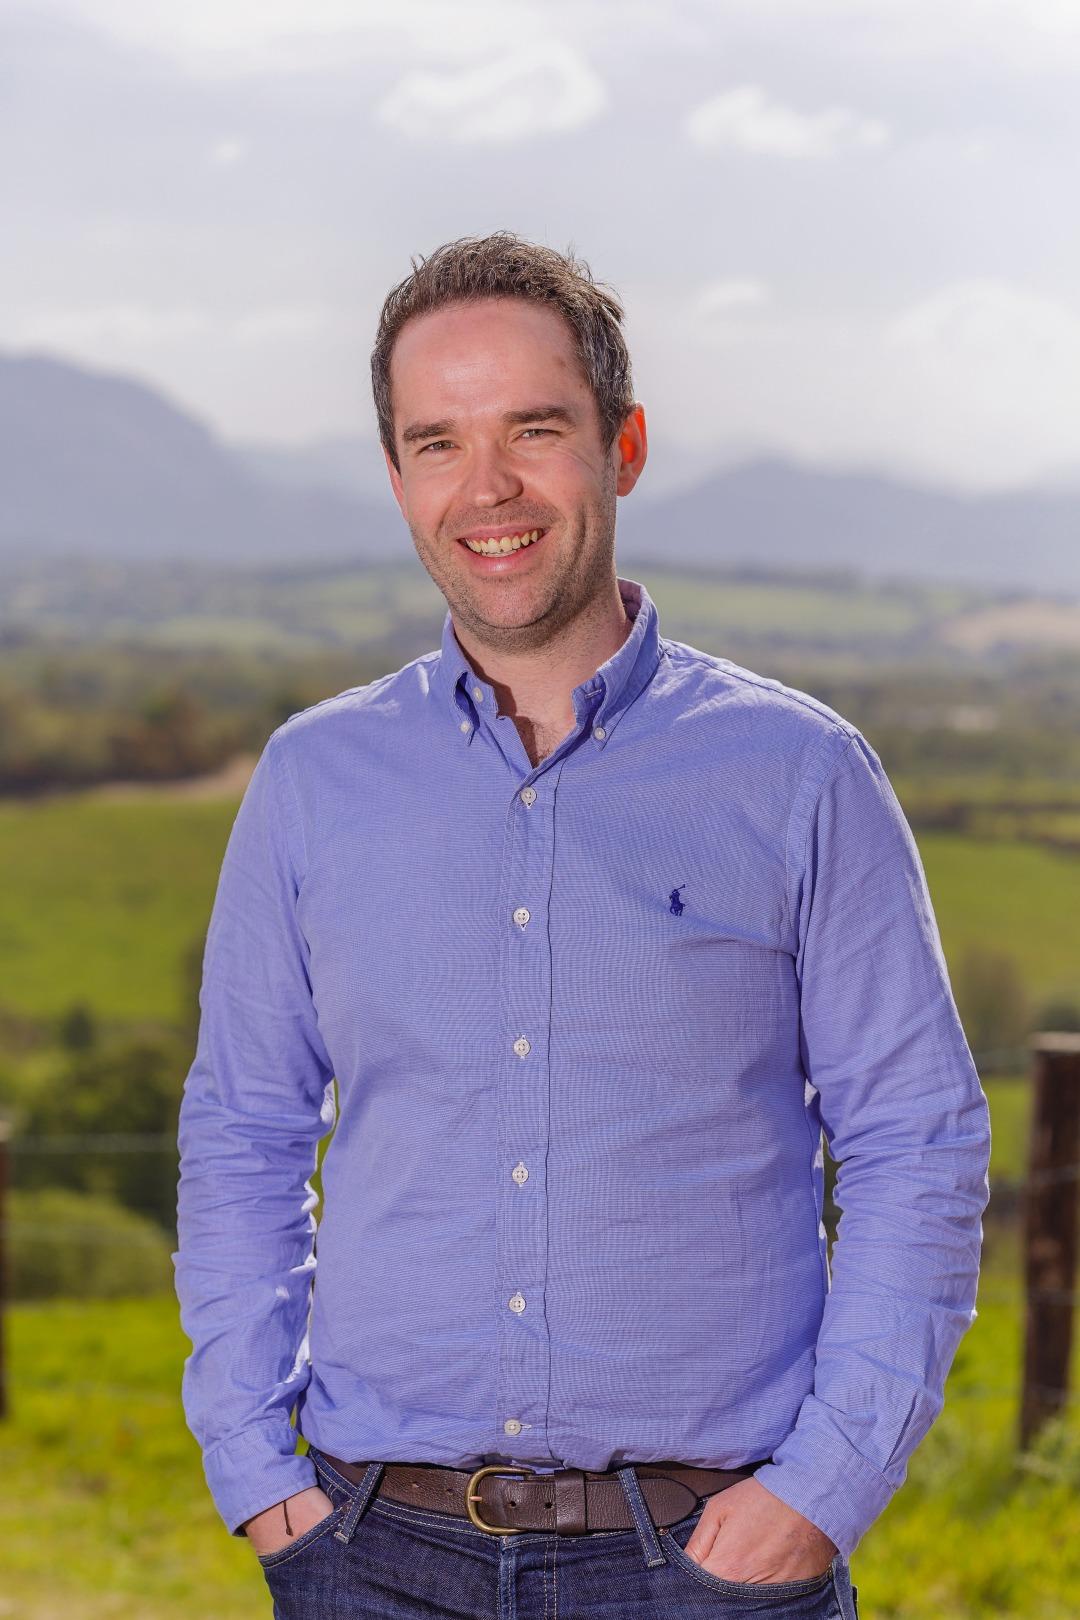 Louis O'Donoghue